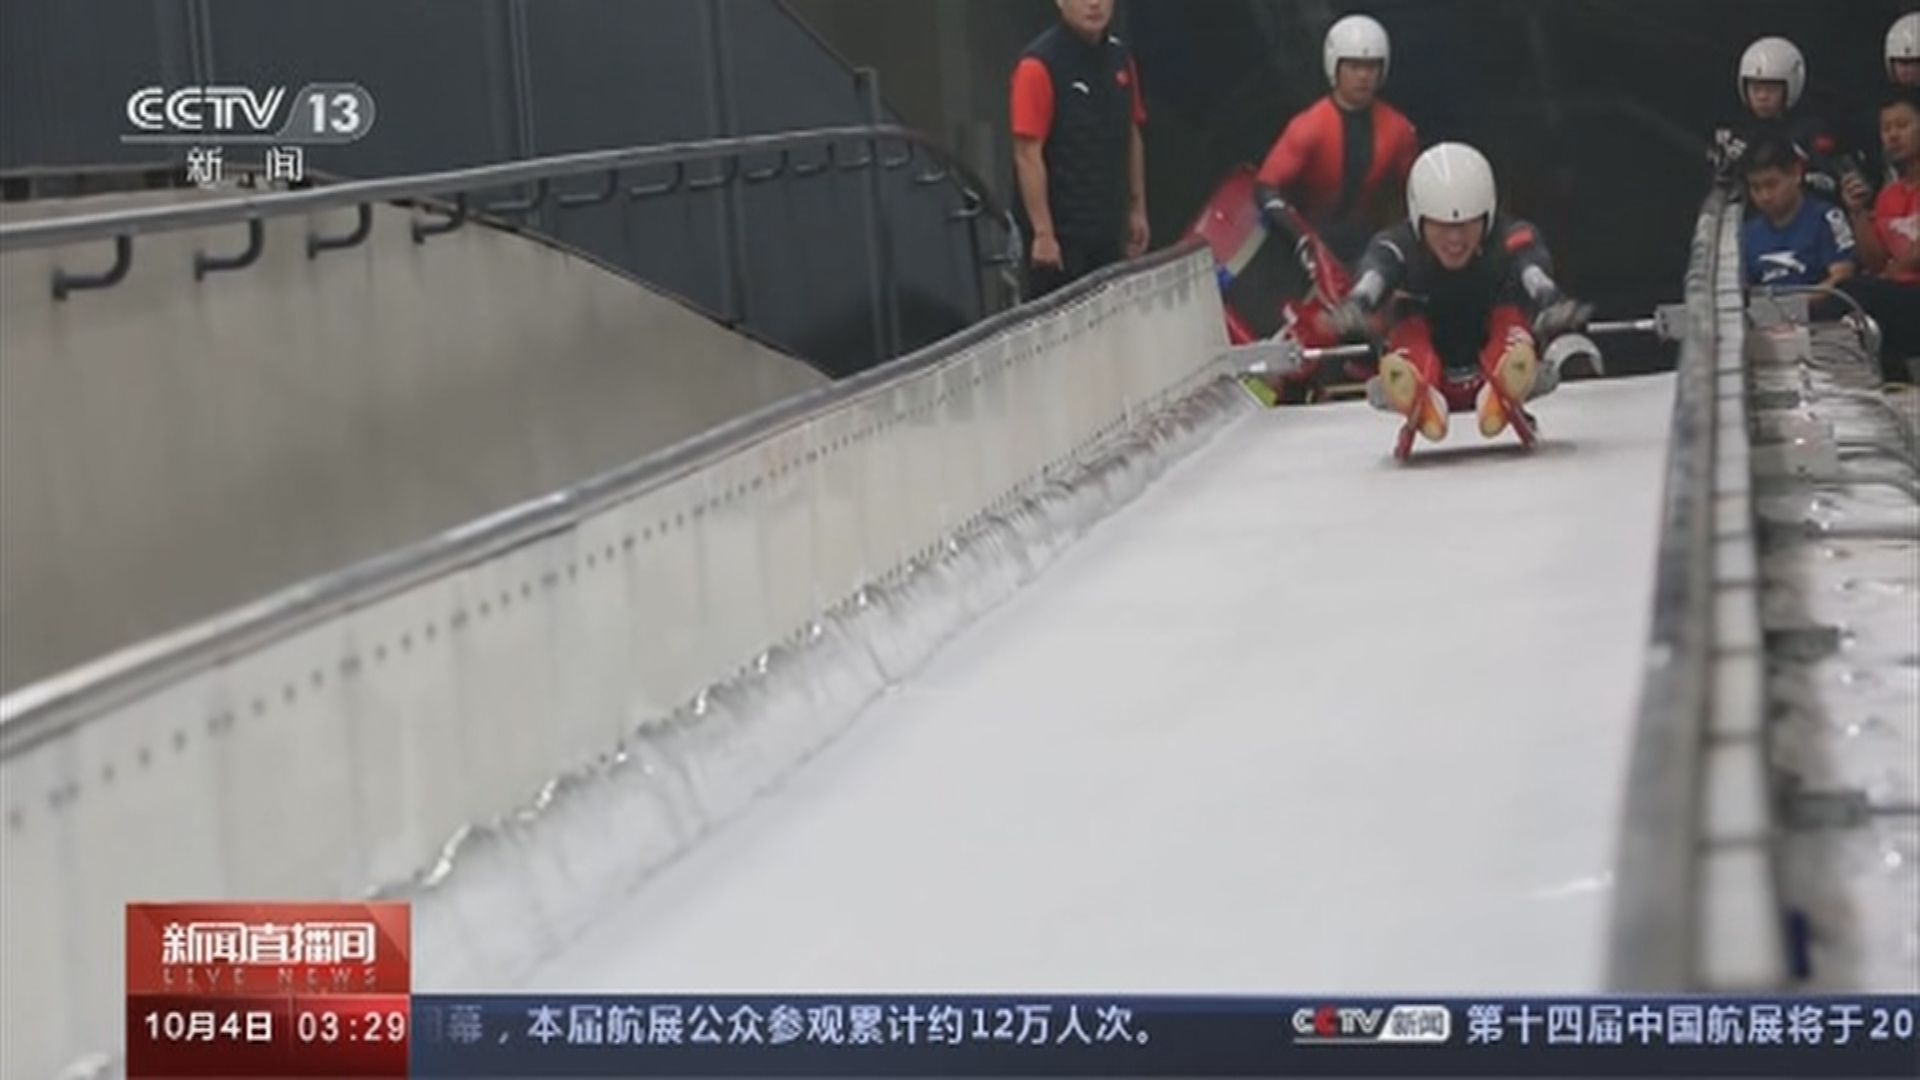 北京冬奧測試賽明起舉行